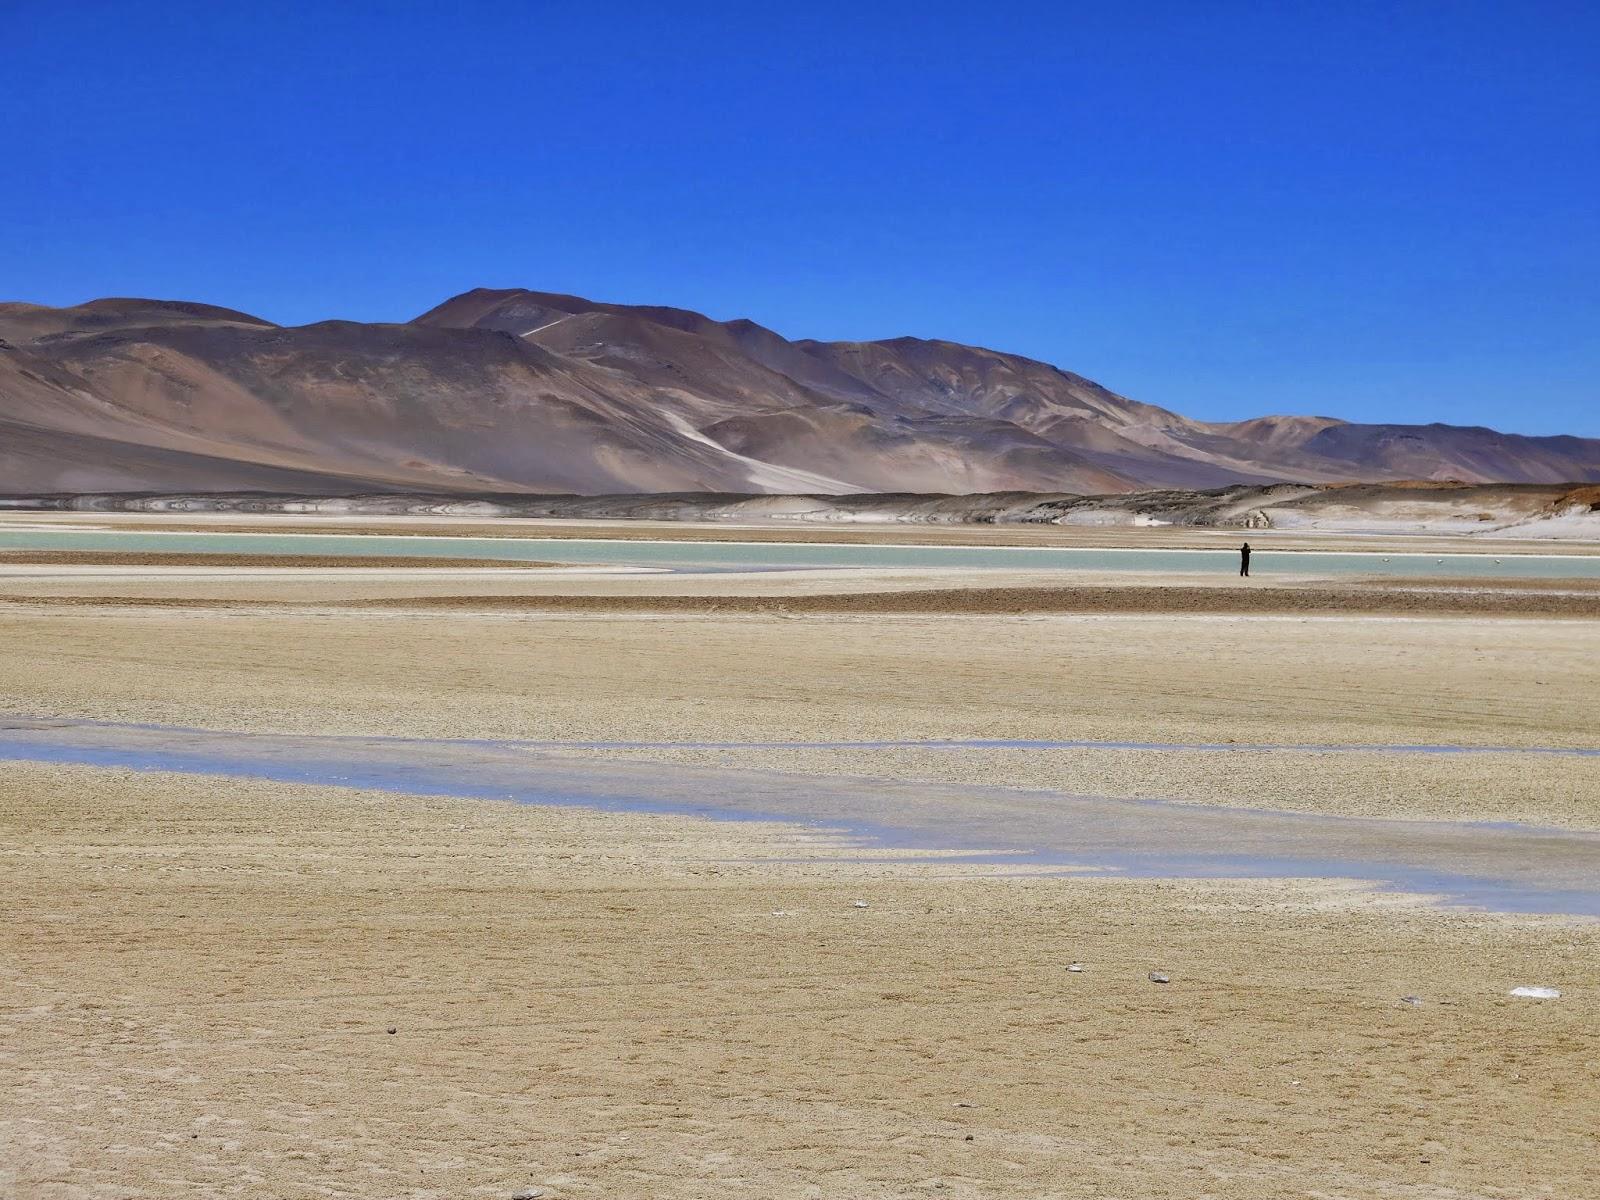 Algumas vezes a gente se sente pequeno diante da grandiosidade da natureza. Explorar  o Deserto do Atacama é um exercício de humildade. Tudo é tão amplo, ... f226a393ec